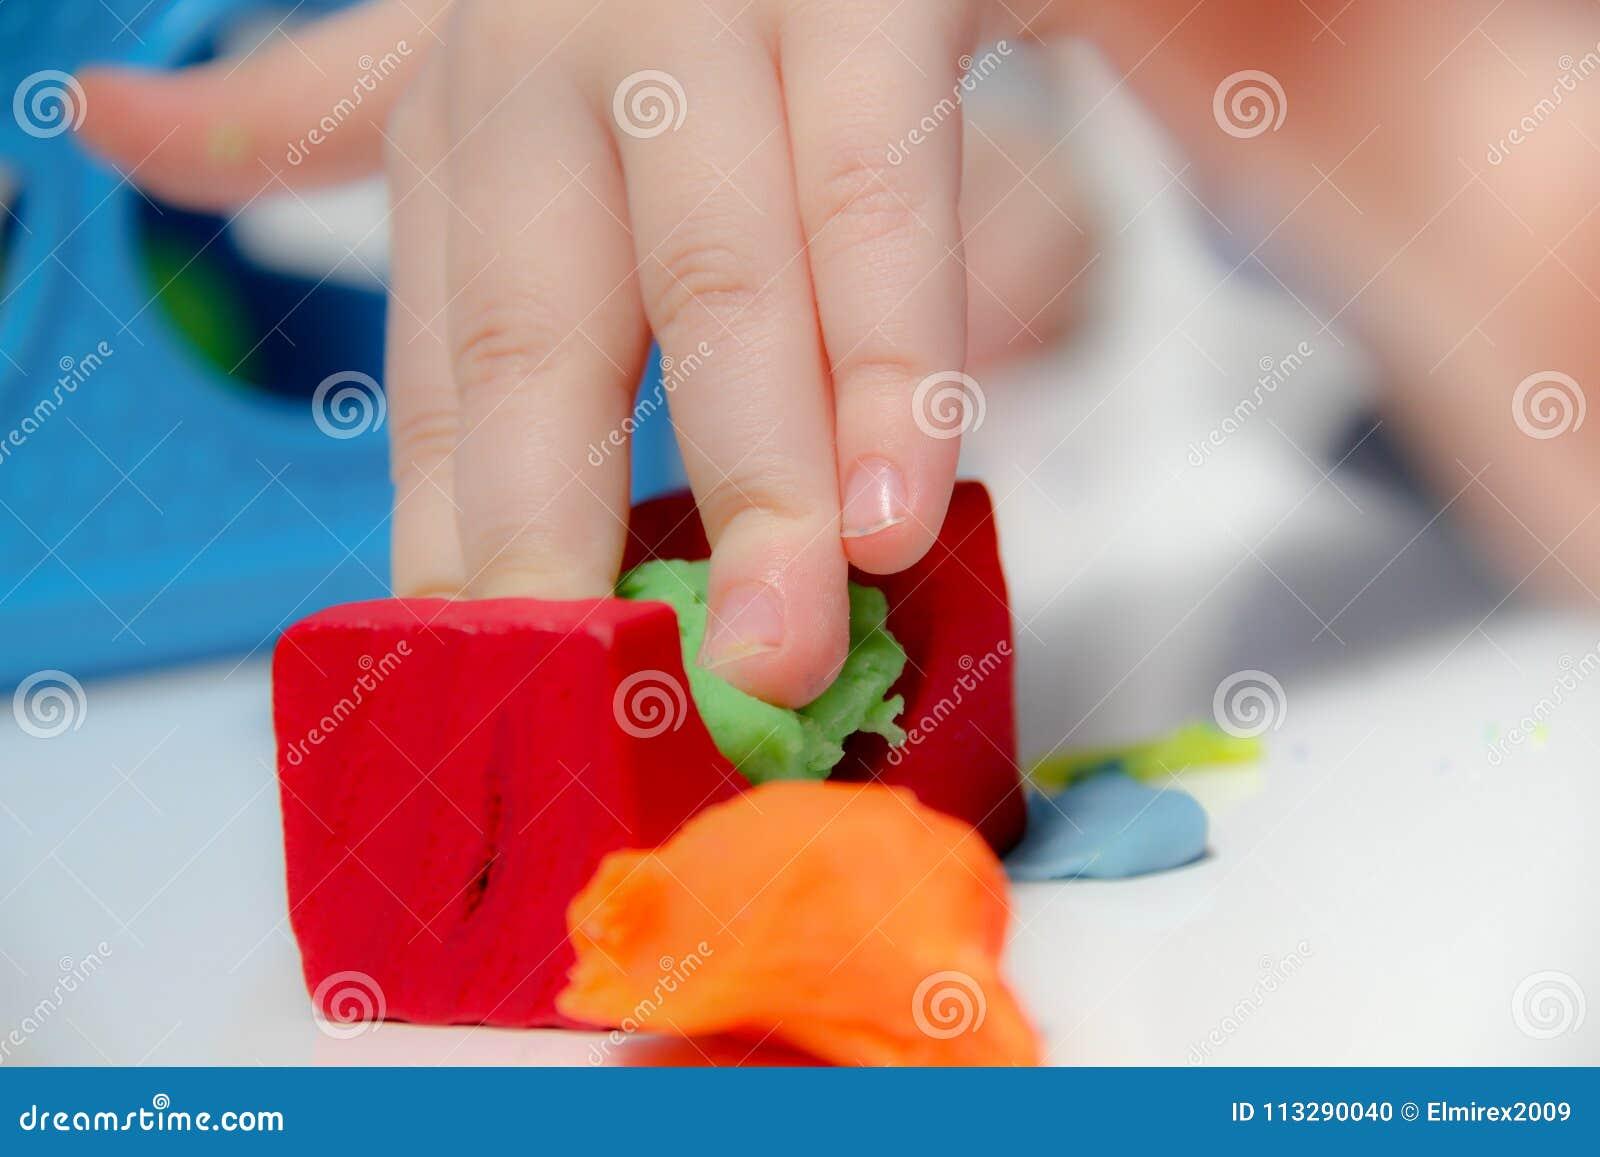 Pysen tre gamla år sitter på tabellen och spelar med plasticine och trä- och plast- leksaker, kuber och tärning